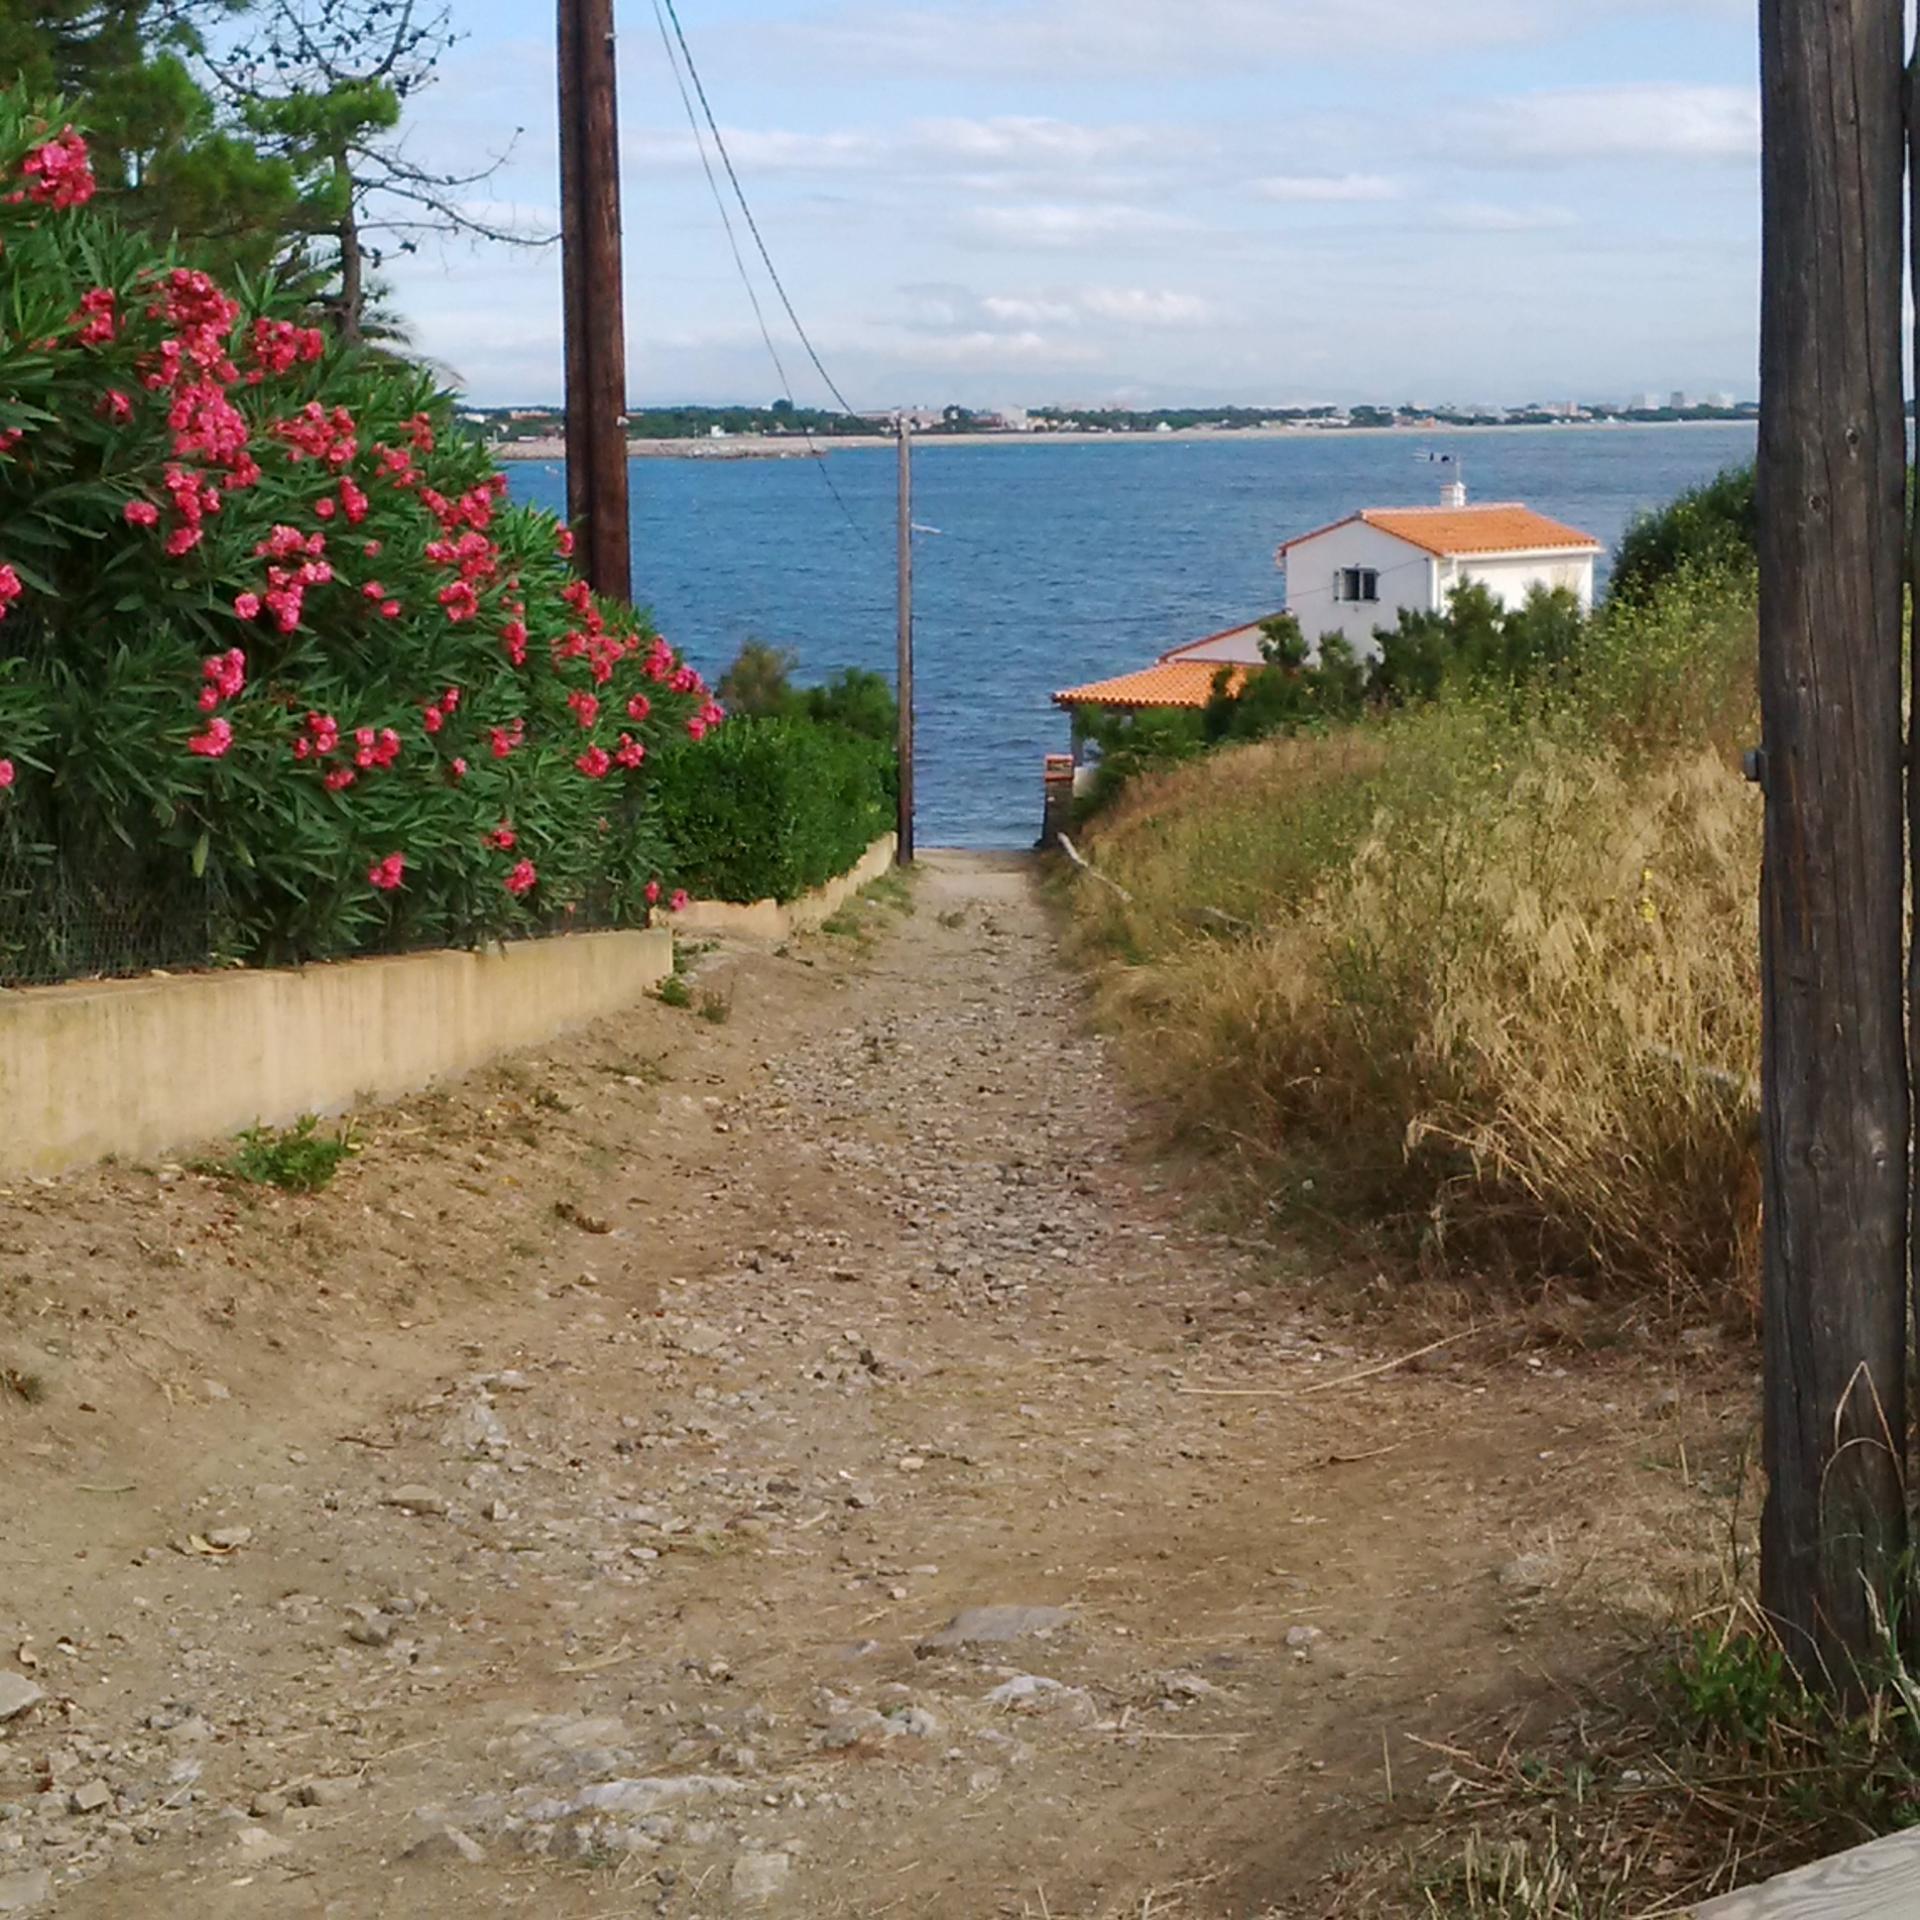 Location Vacances R Sidence Avec Piscine Saint Cyprien Plage